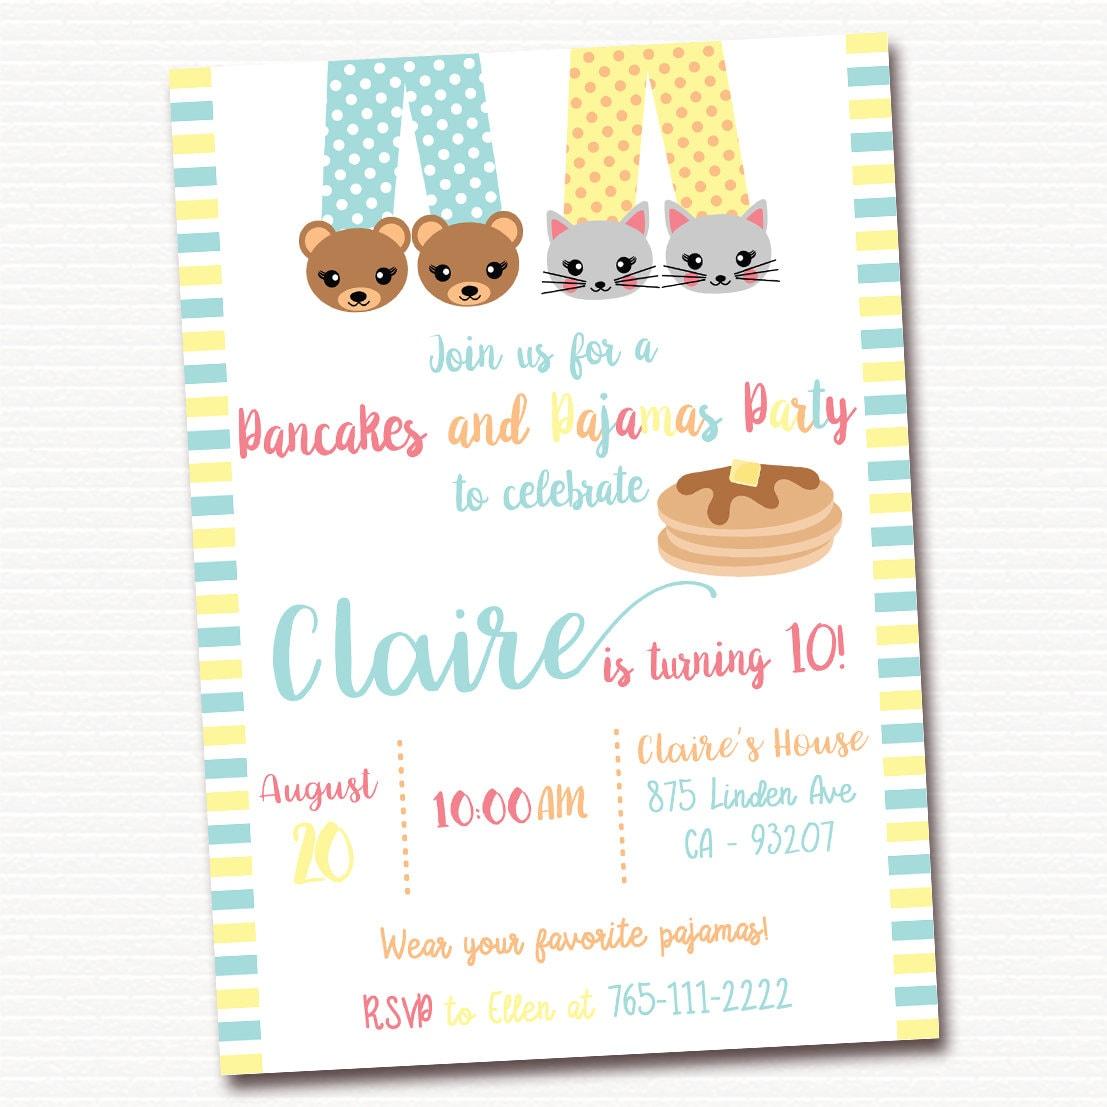 Pancakes and Pajamas Party Invitation Pancakes Birthday